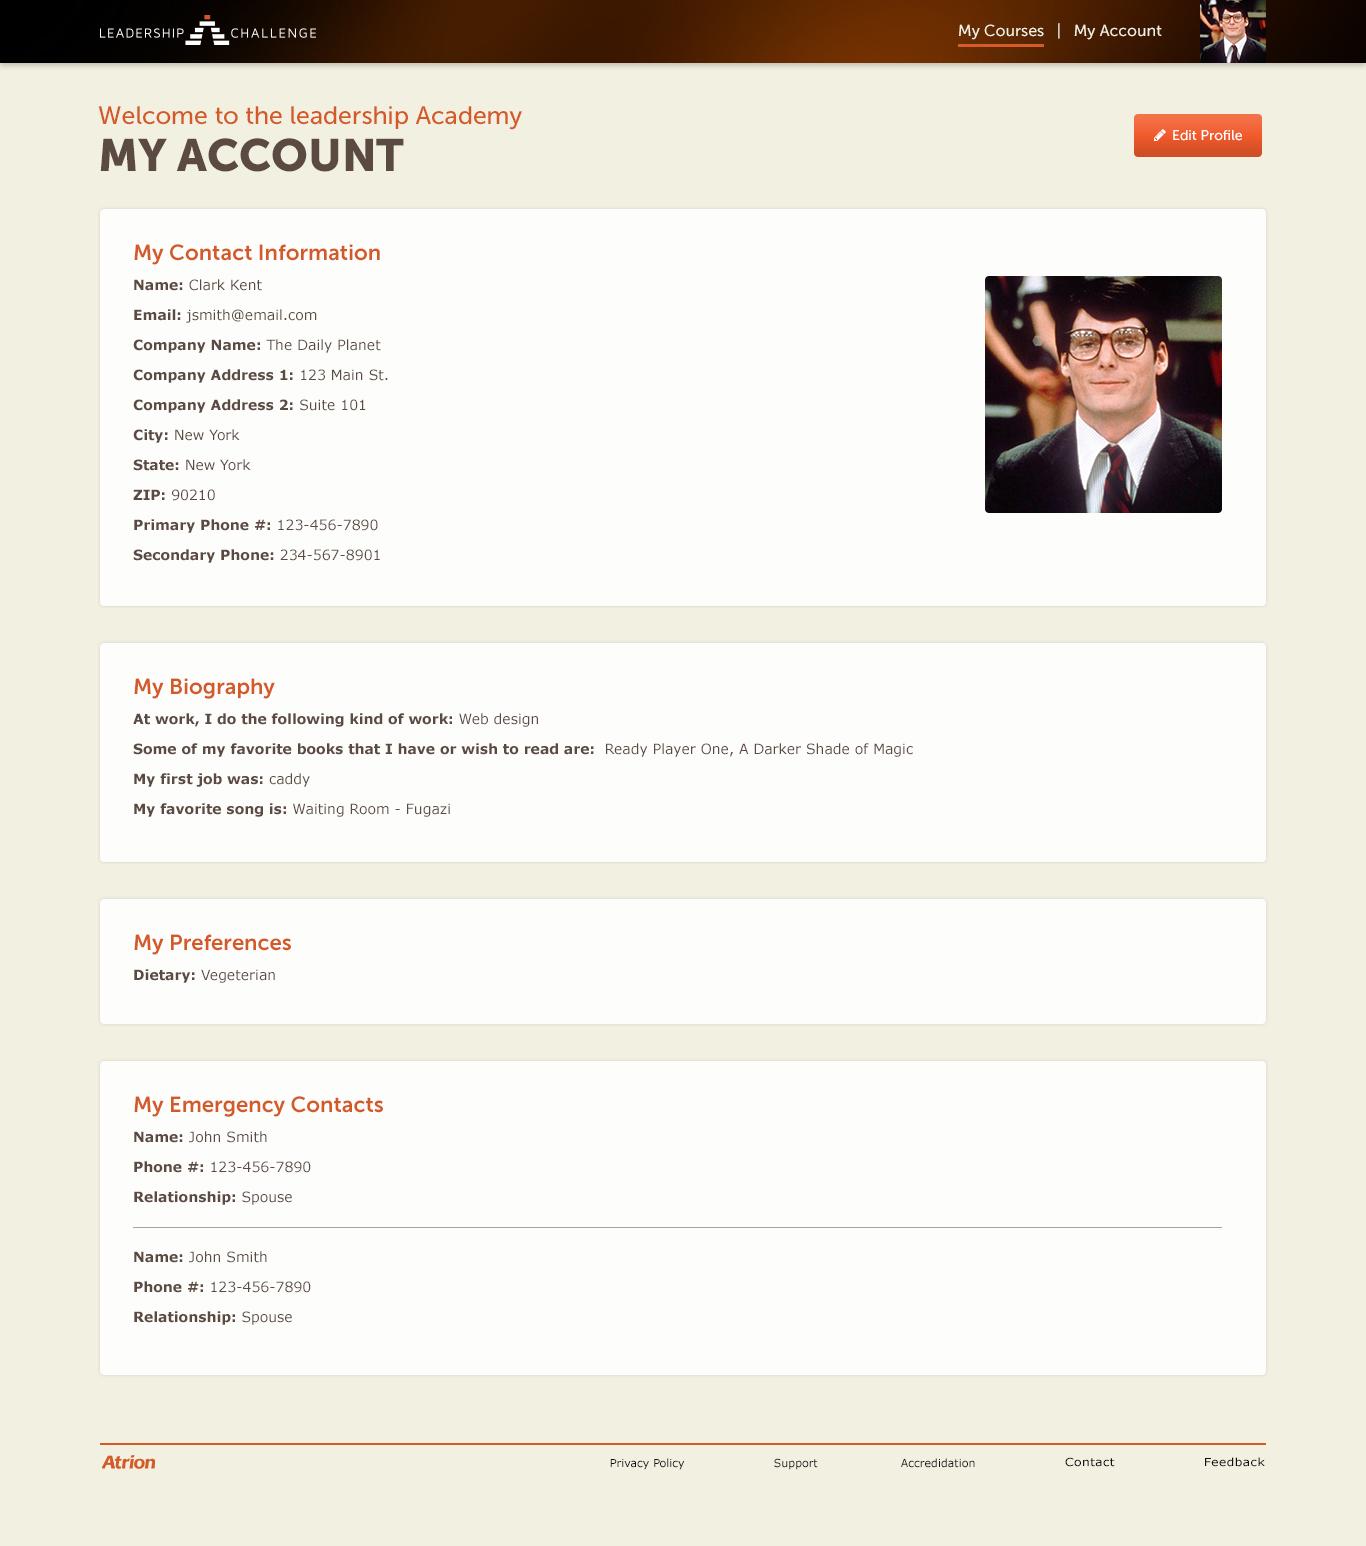 atrion_leadership_academy_account.jpg